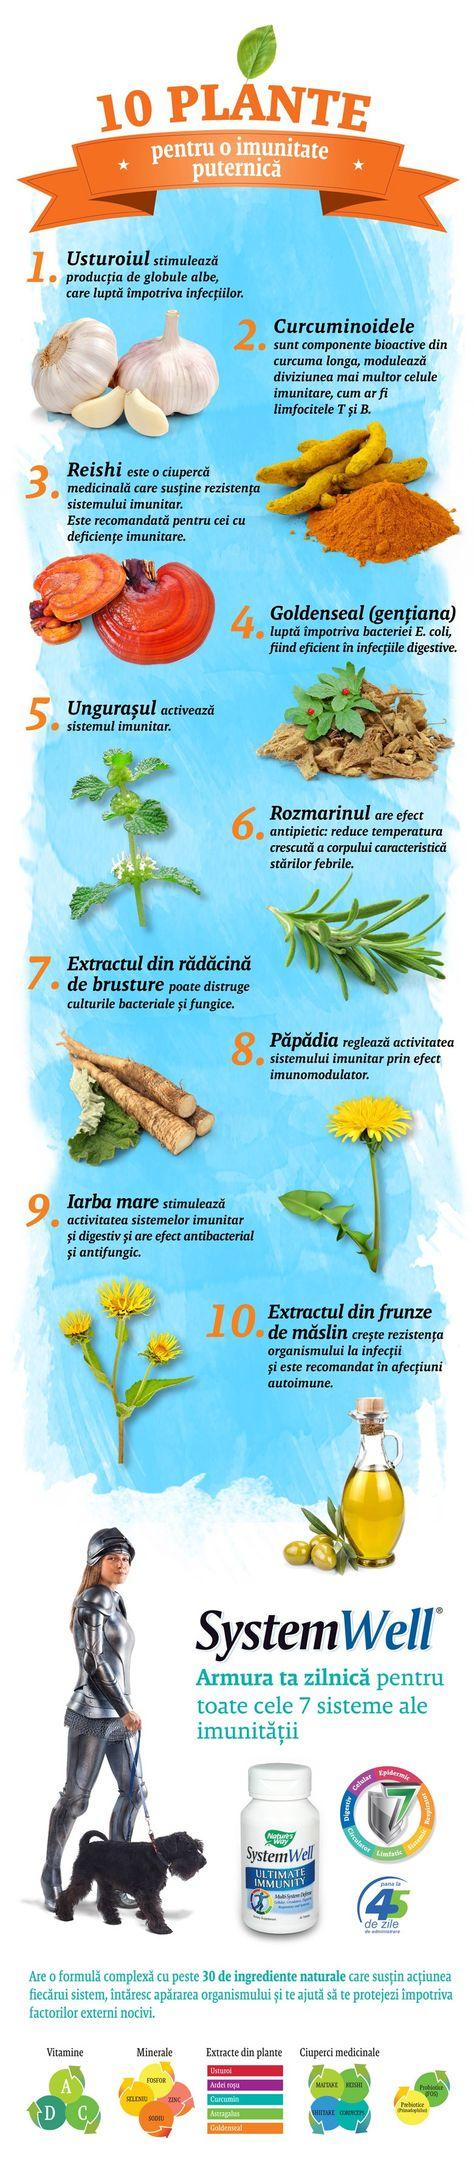 Plante medicinale pentru tratarea articulațiilor picioarelor - Bara principală